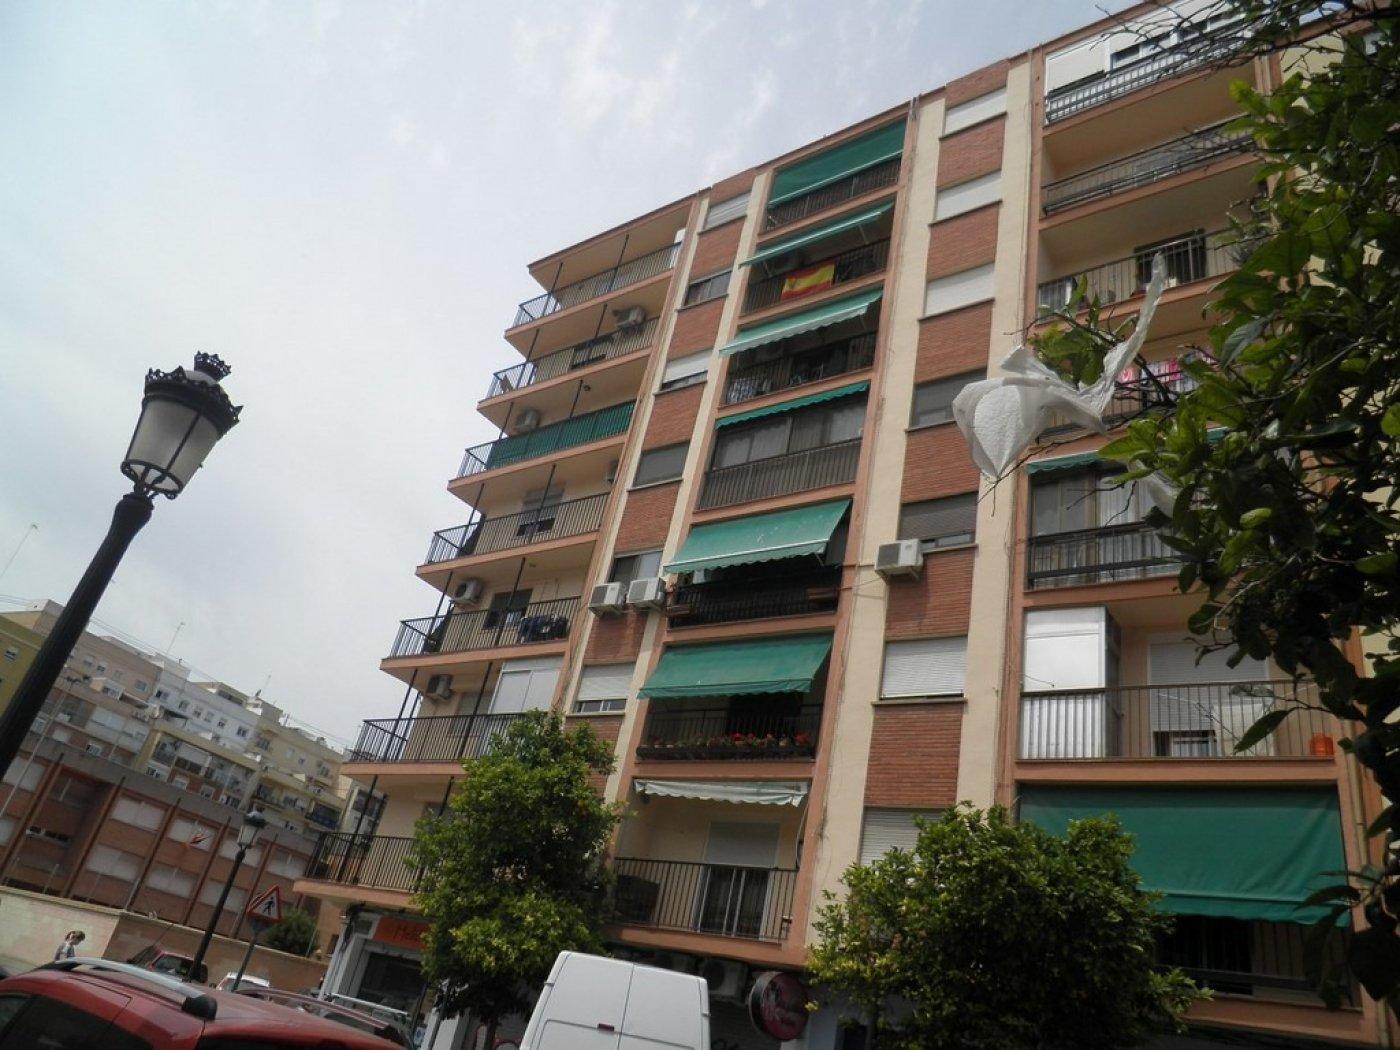 Oportunidad de vivienda reformada en finca con ascensor  y garaje incluido - imagenInmueble16